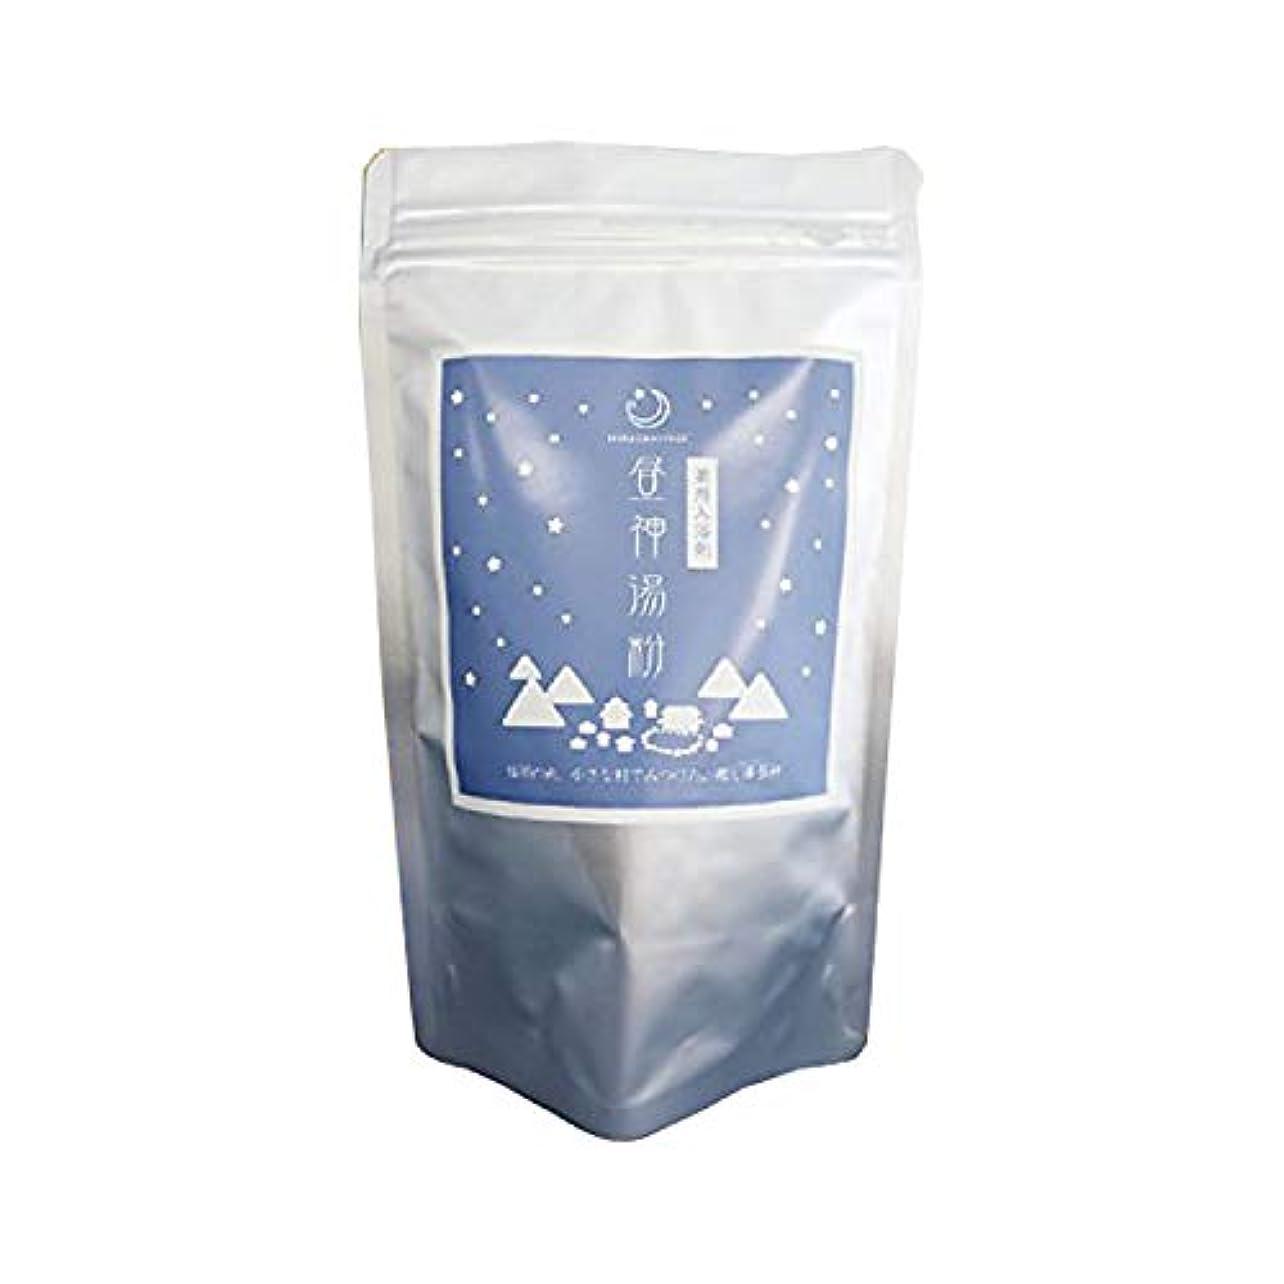 スペルより暫定の昼神の湯 詰替え用特別セット 詰替え用6袋